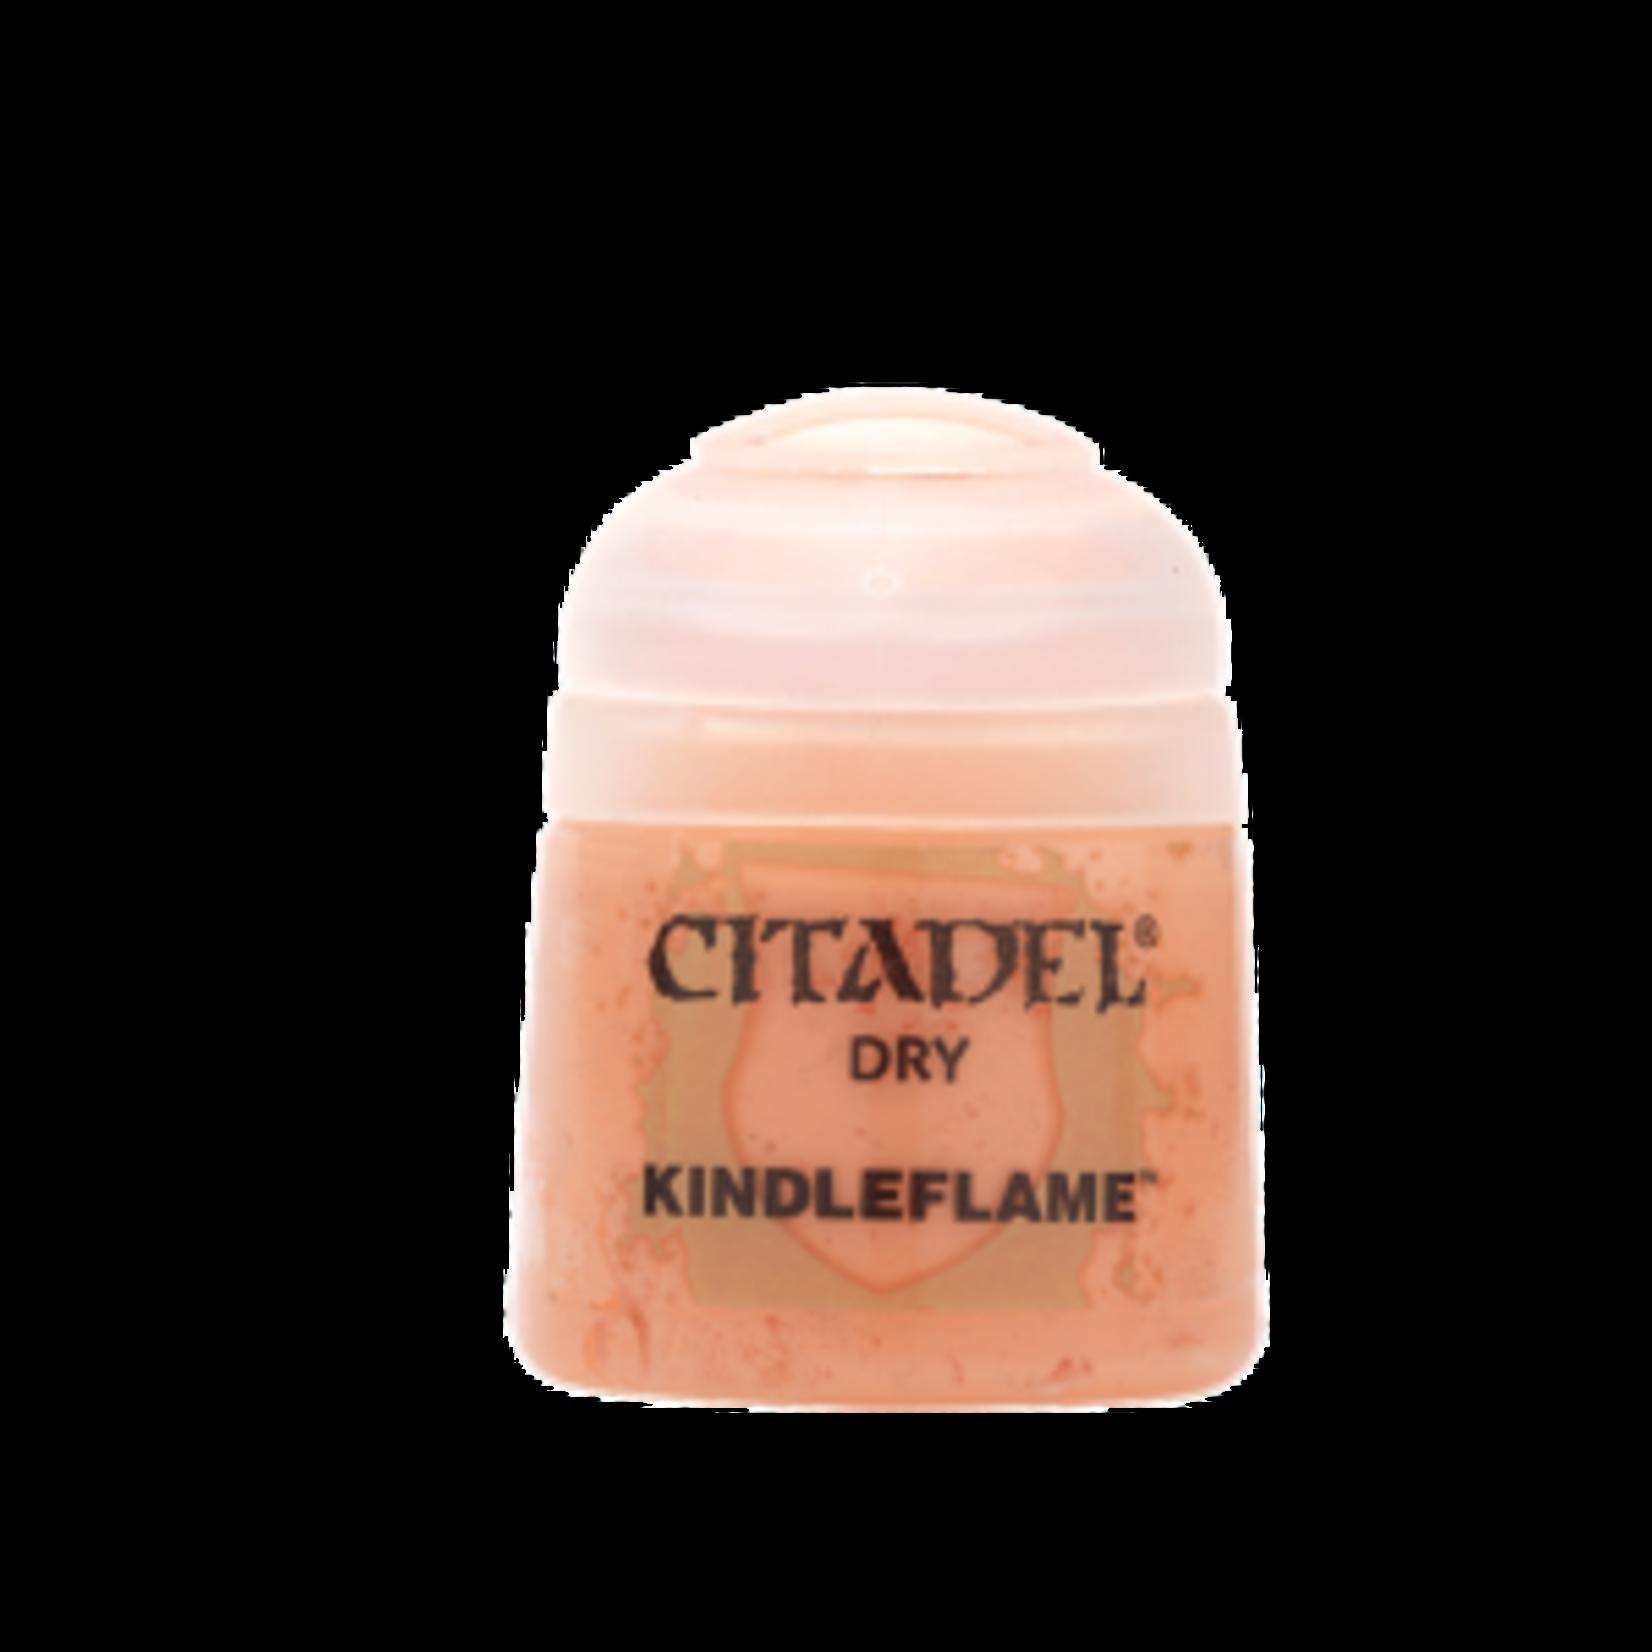 Citadel Dry Kindleflame